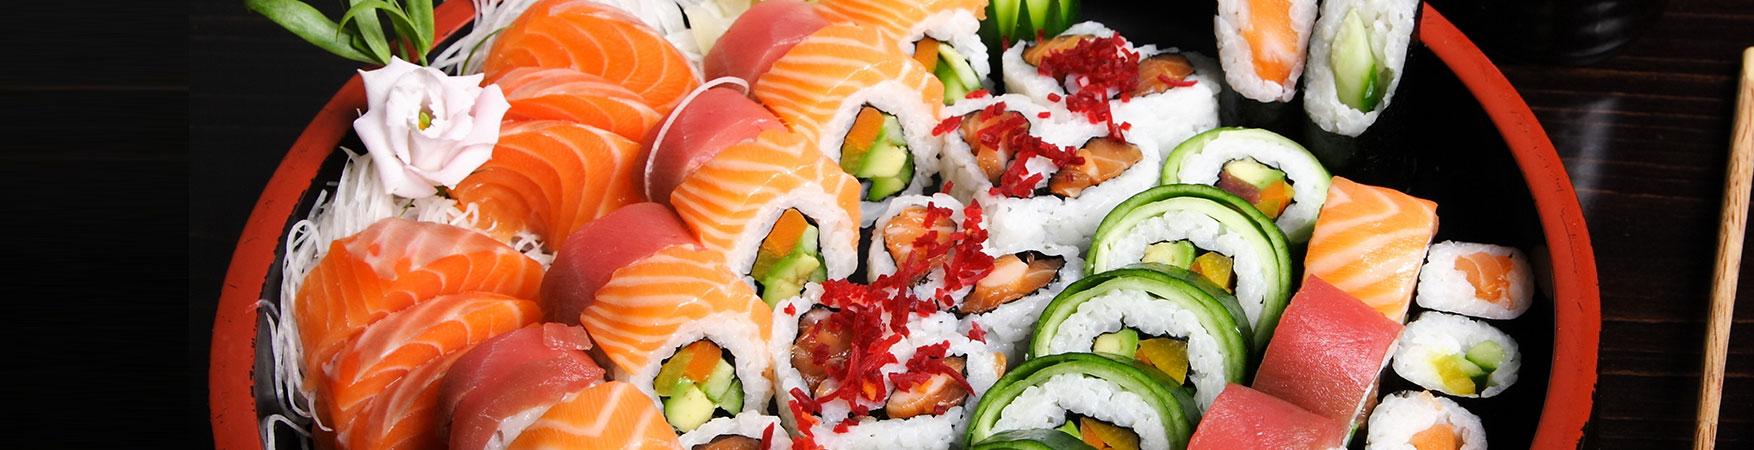 son sushi 13064711_1545883882379427_4527590692867691335_o.jpg